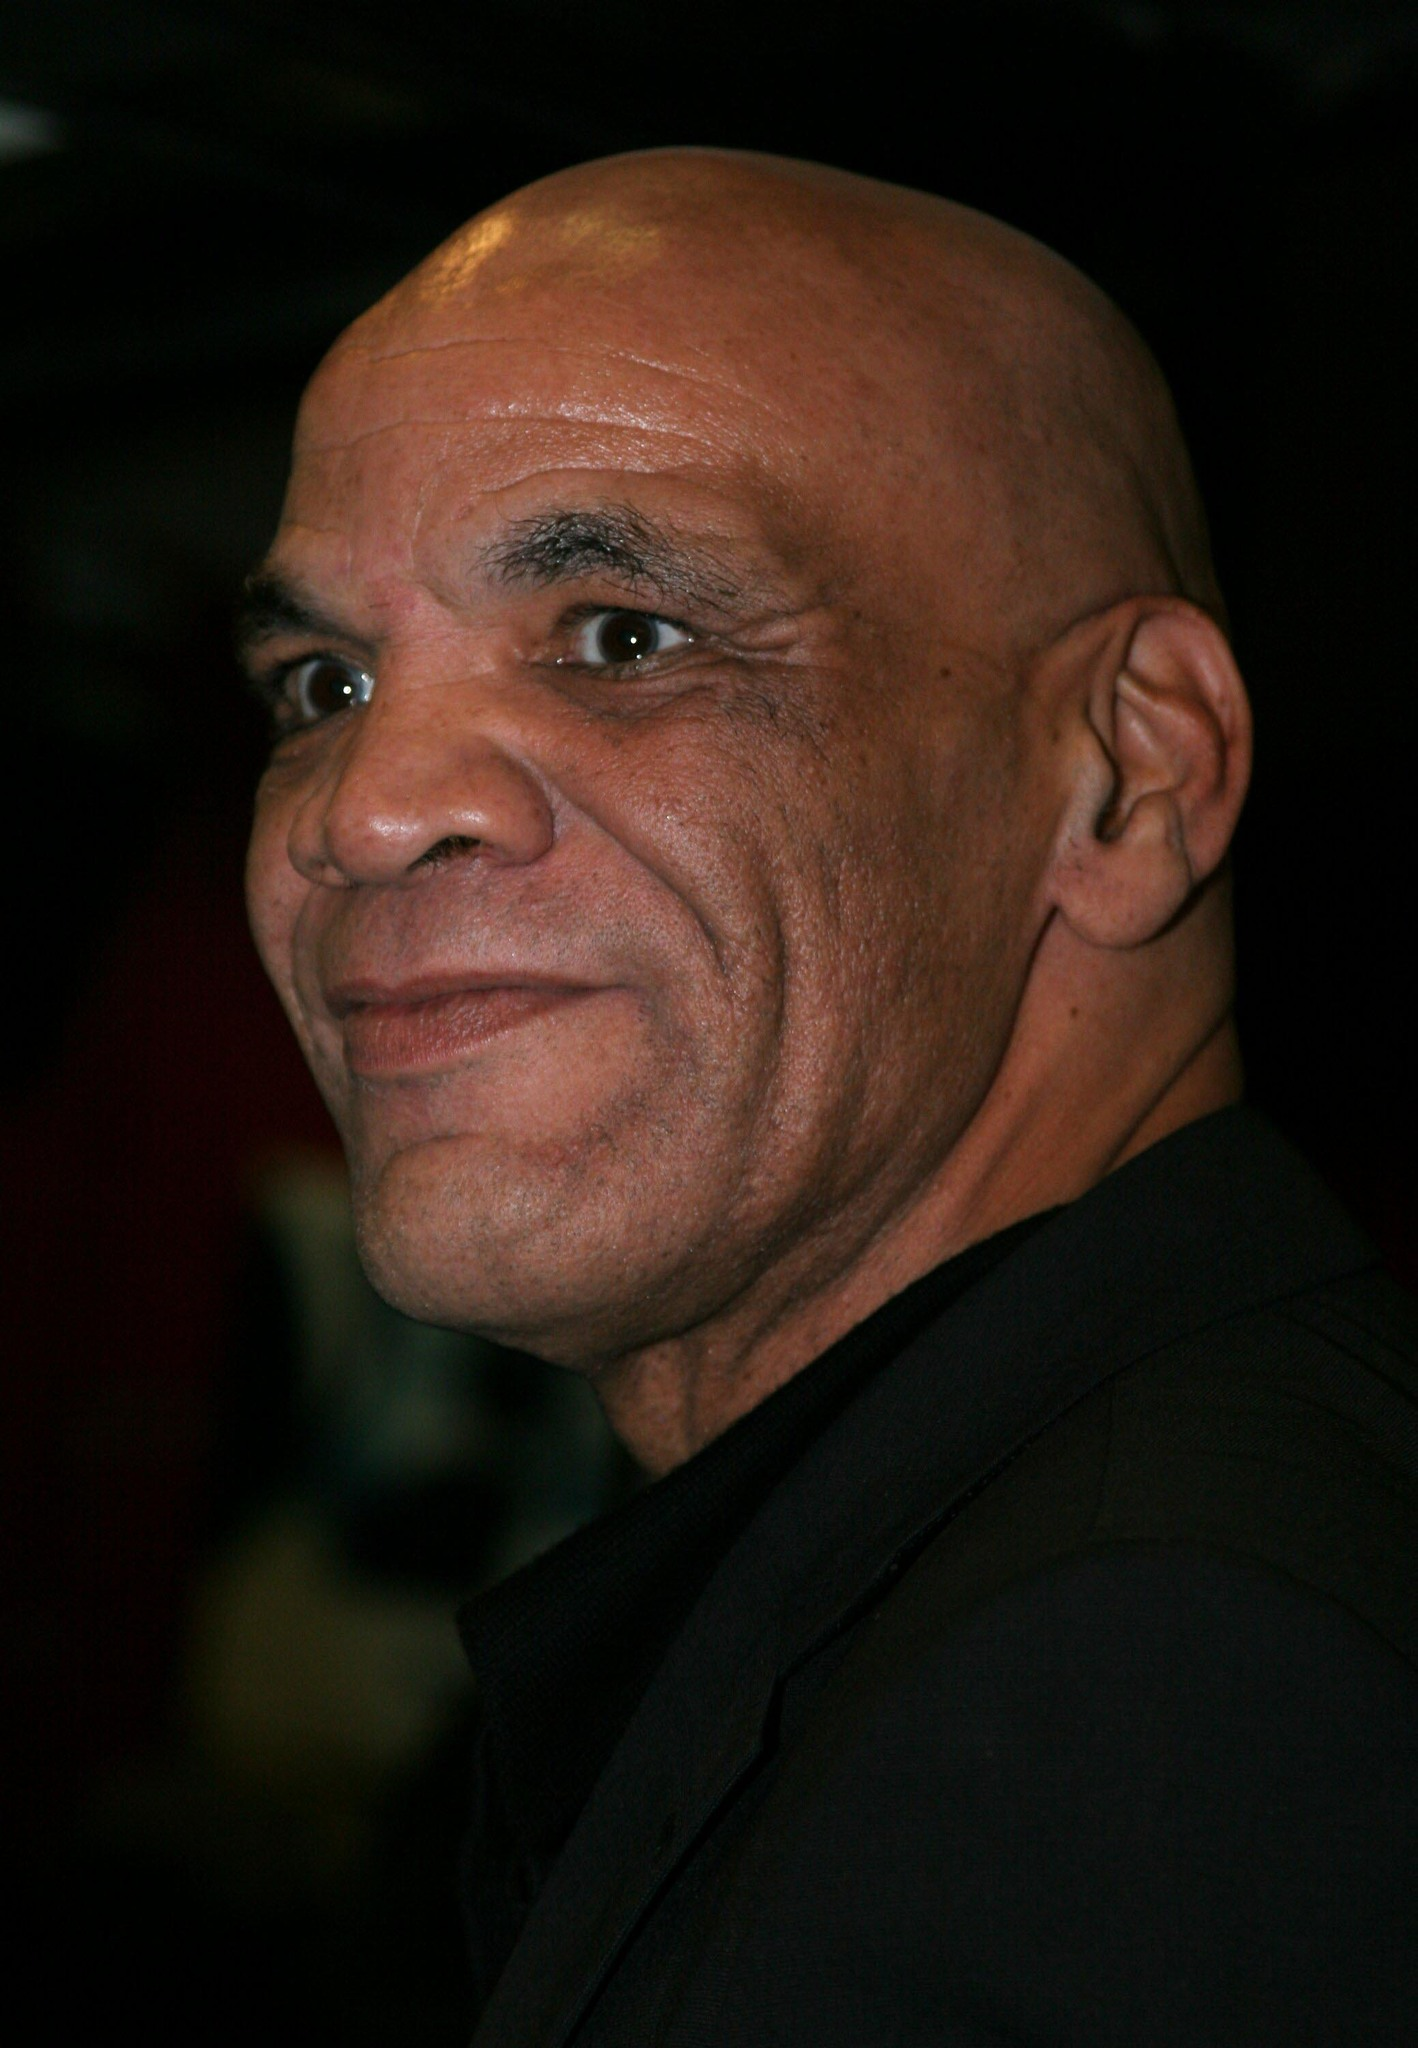 Paul Barber (born 1951)